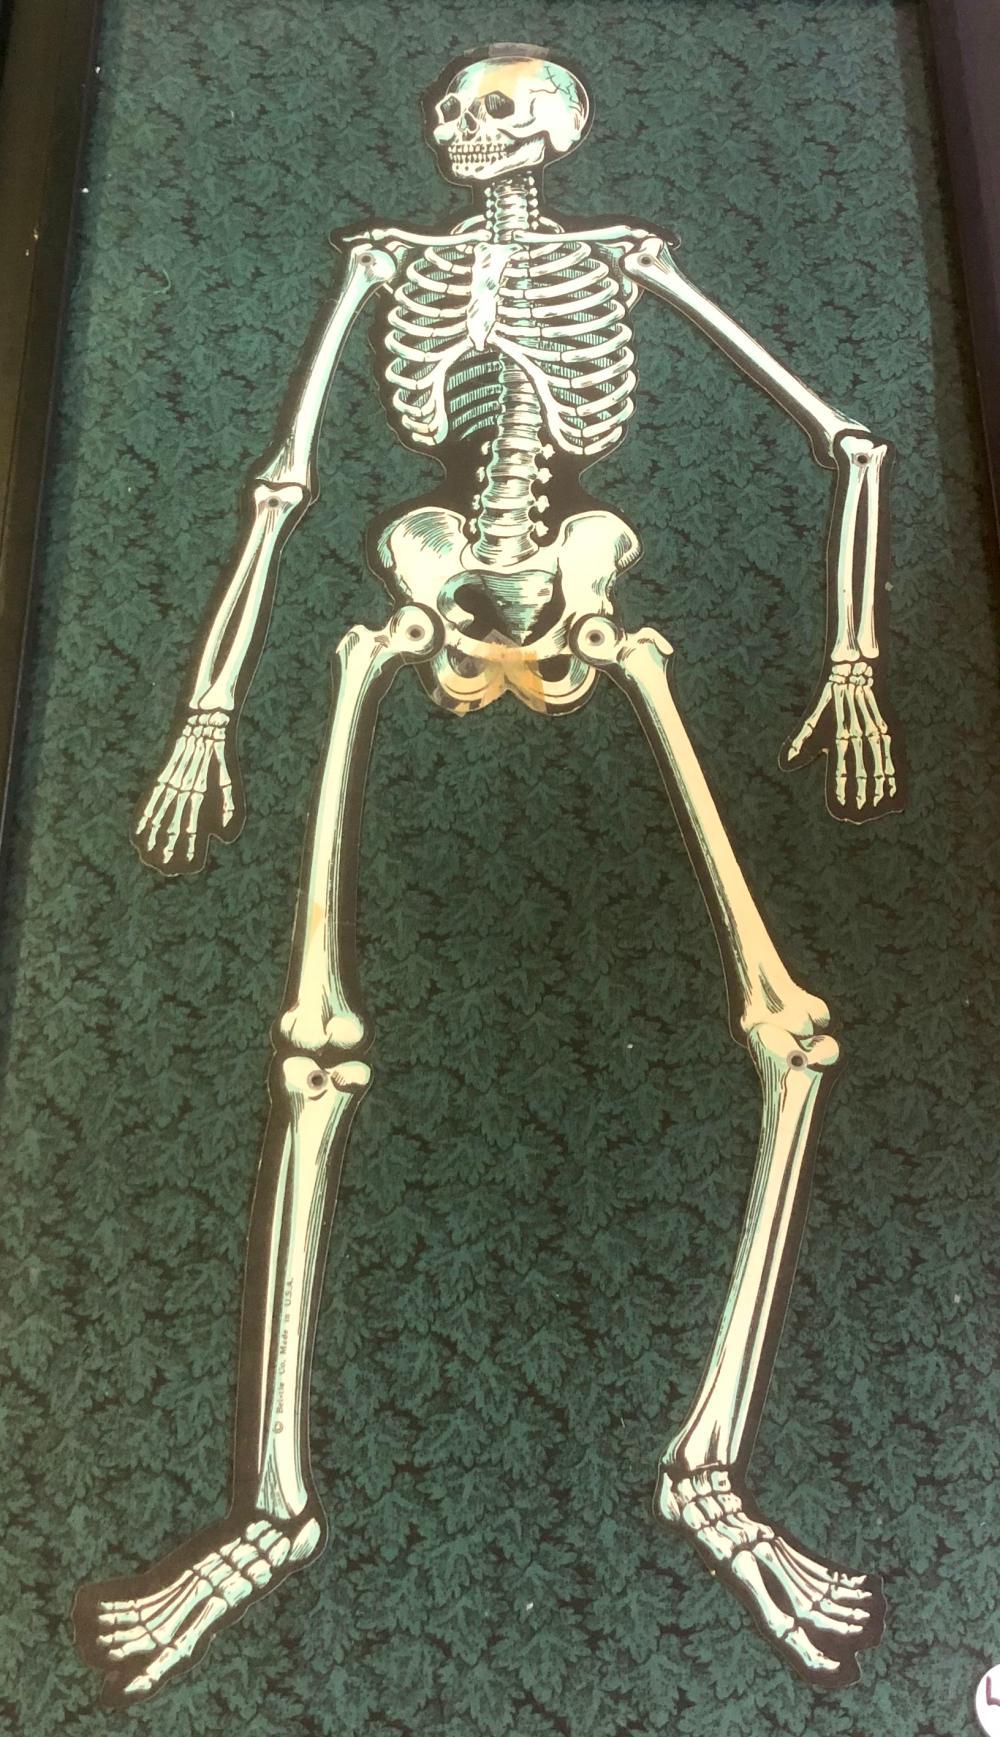 Lot 4: ORIGINAL BEISTLE JOINTED SKELETON MAN FRAMED DIE-CUT